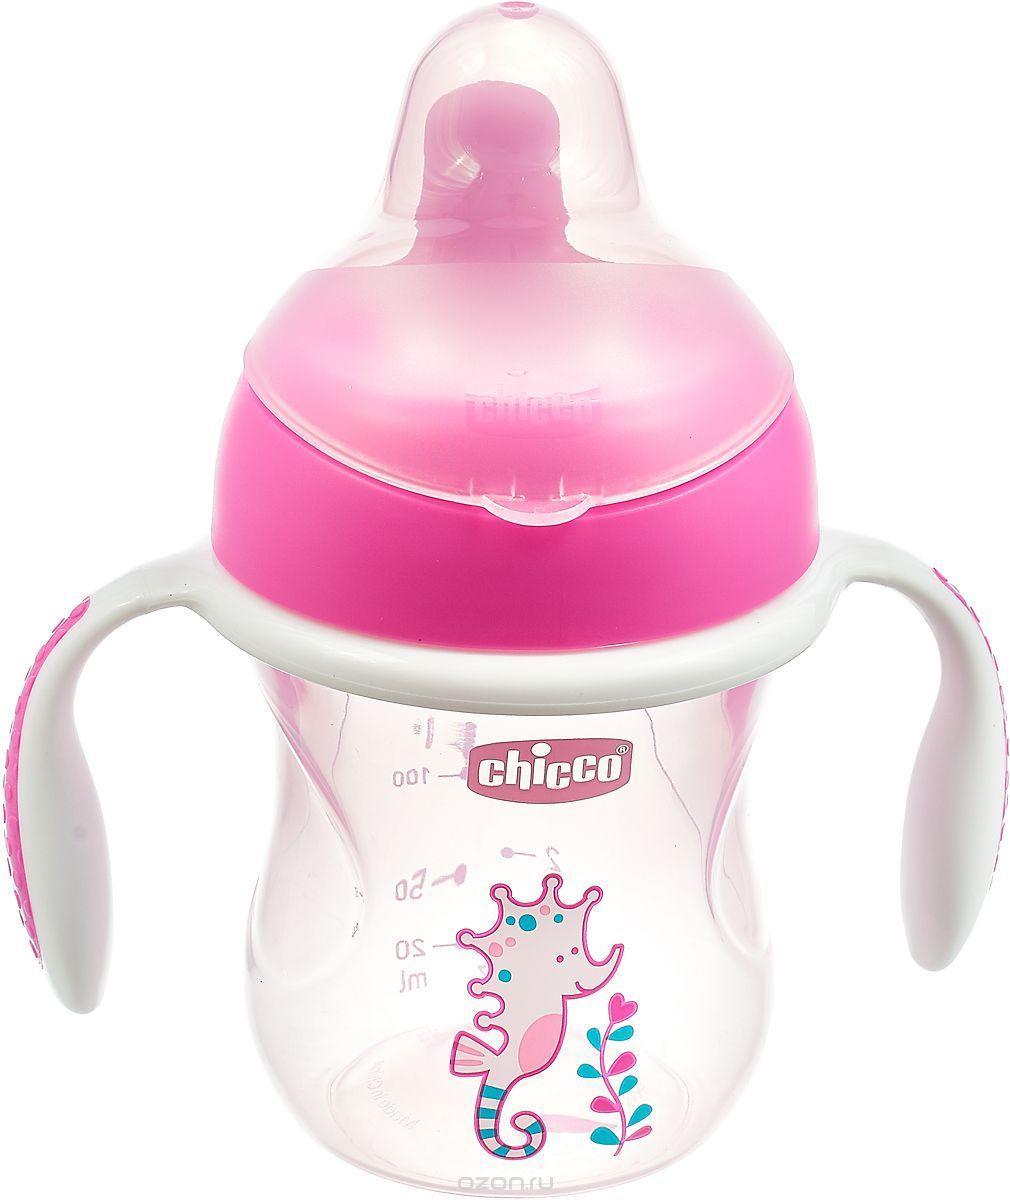 """Чашка пластикова для пиття Chicco """"Training Cup"""" 200мл. від 6 місяців рожева 06921.10.50"""